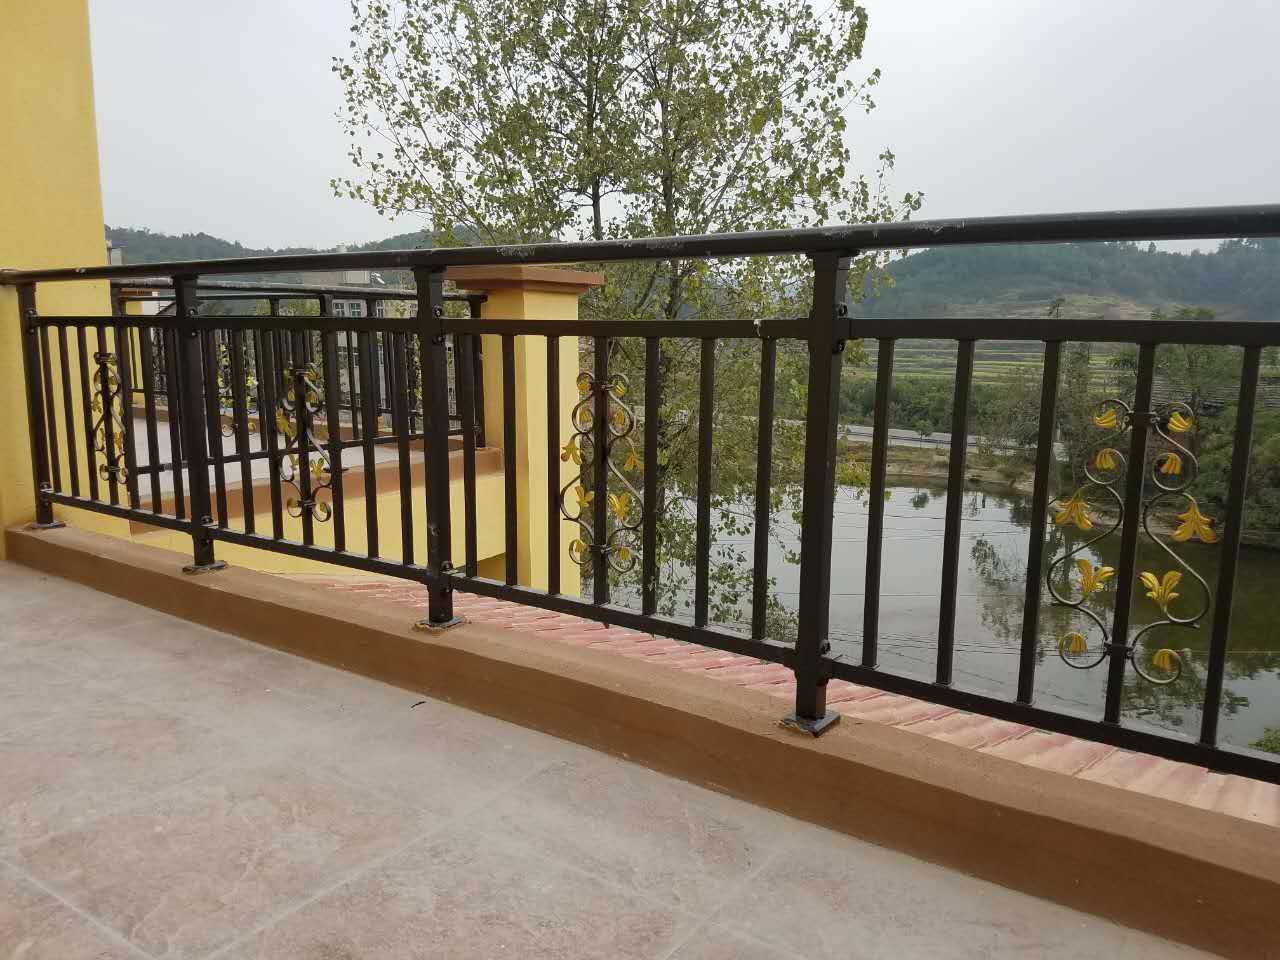 阳台护栏用什么材料好?栏杆之间的间距多少比较安全?